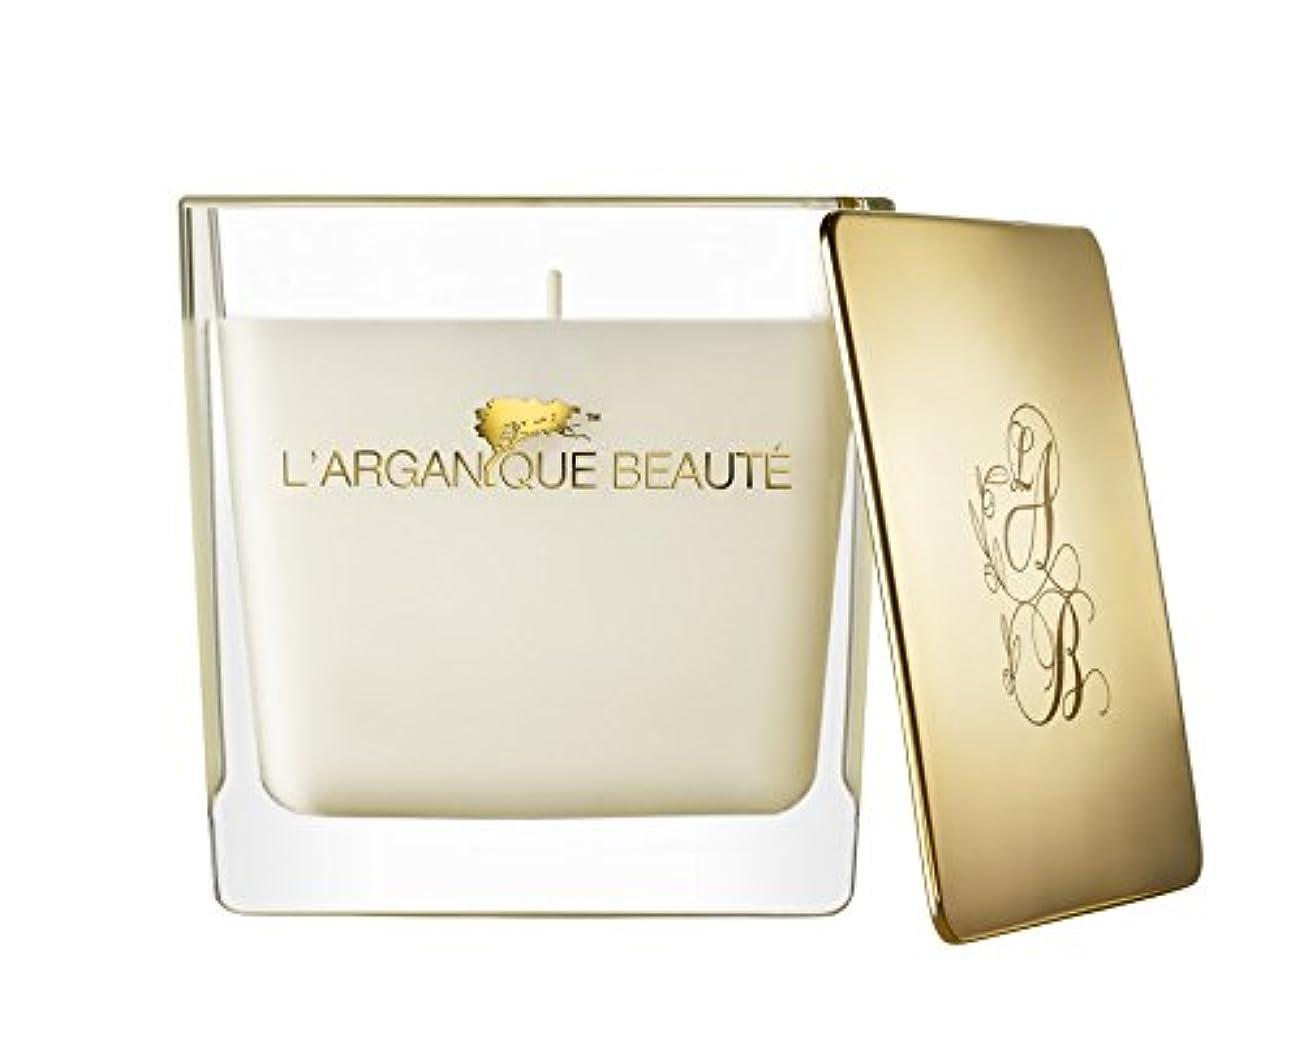 優れました経験妊娠したL 'arganique Beaute Luxury Scented Candle、Perfumed香りSpa Candle – Made w / 100 %大豆ワックス、鉛フリーWick、純粋なモロッコアルガンオイルEssence – For Baths、クリスマス、休日、 14.1oz